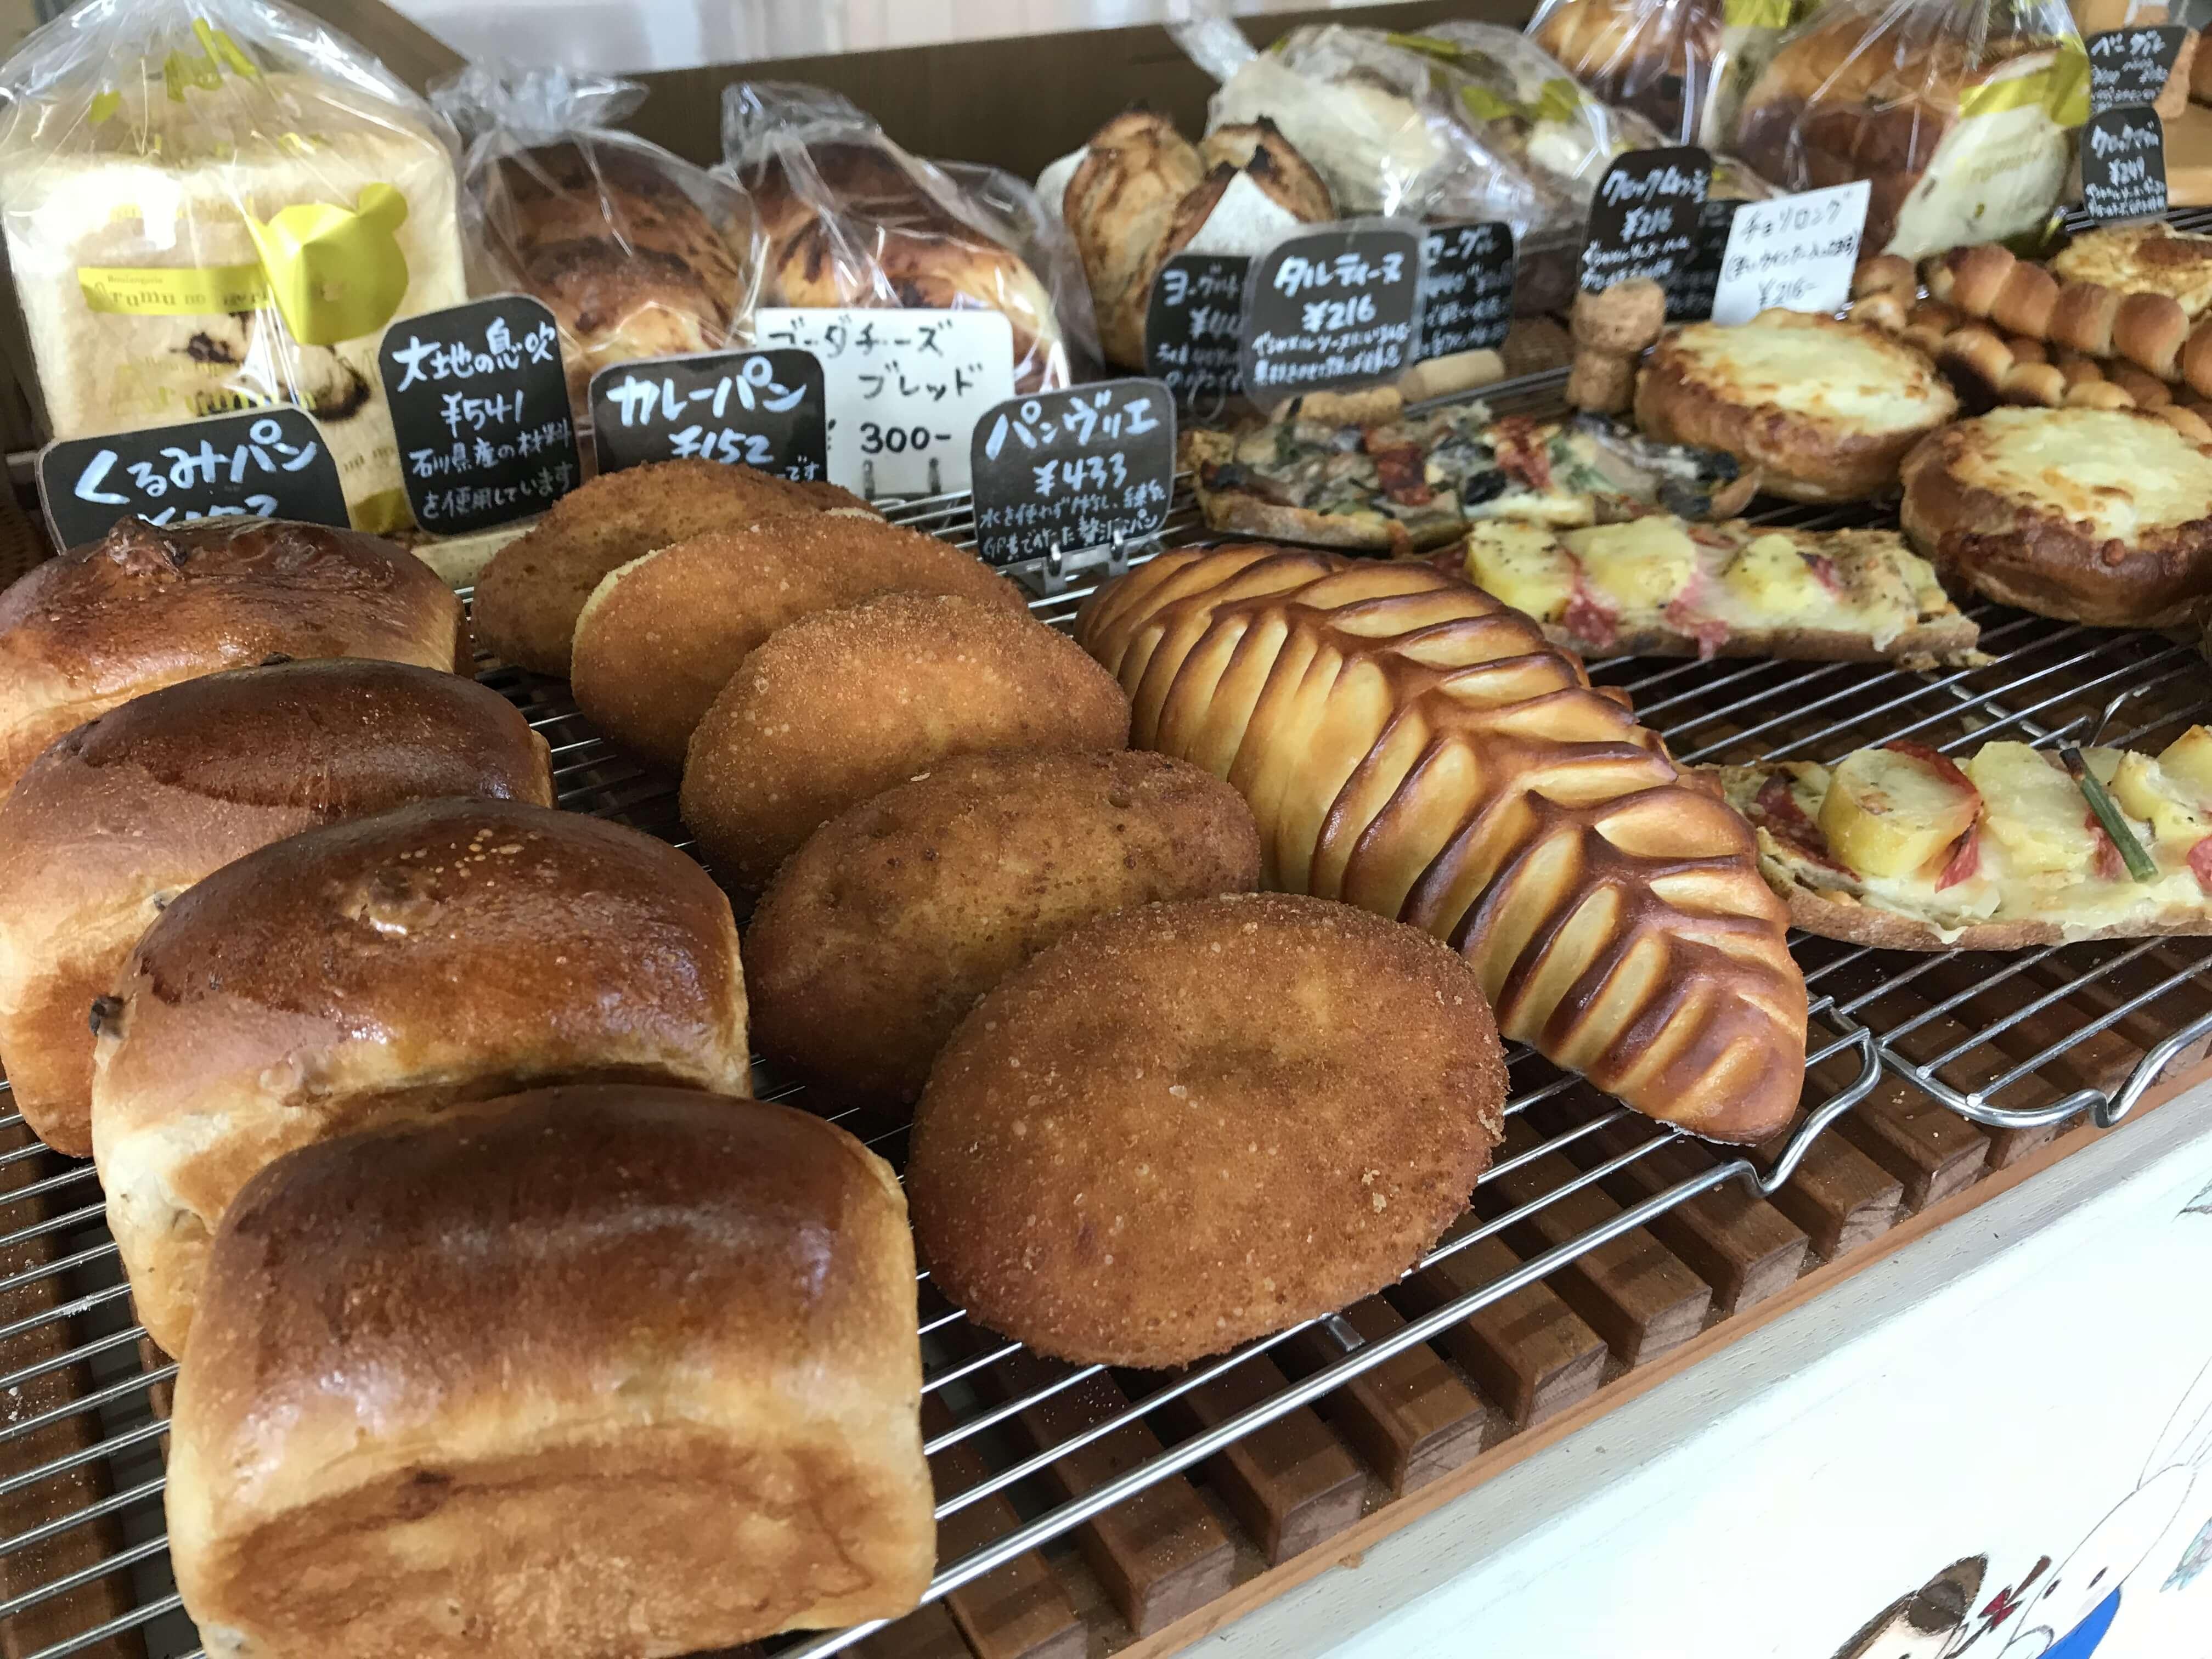 『アルムの森』国産小麦を使ったこだわりパン。ケーキ風パンや焼き菓子も!